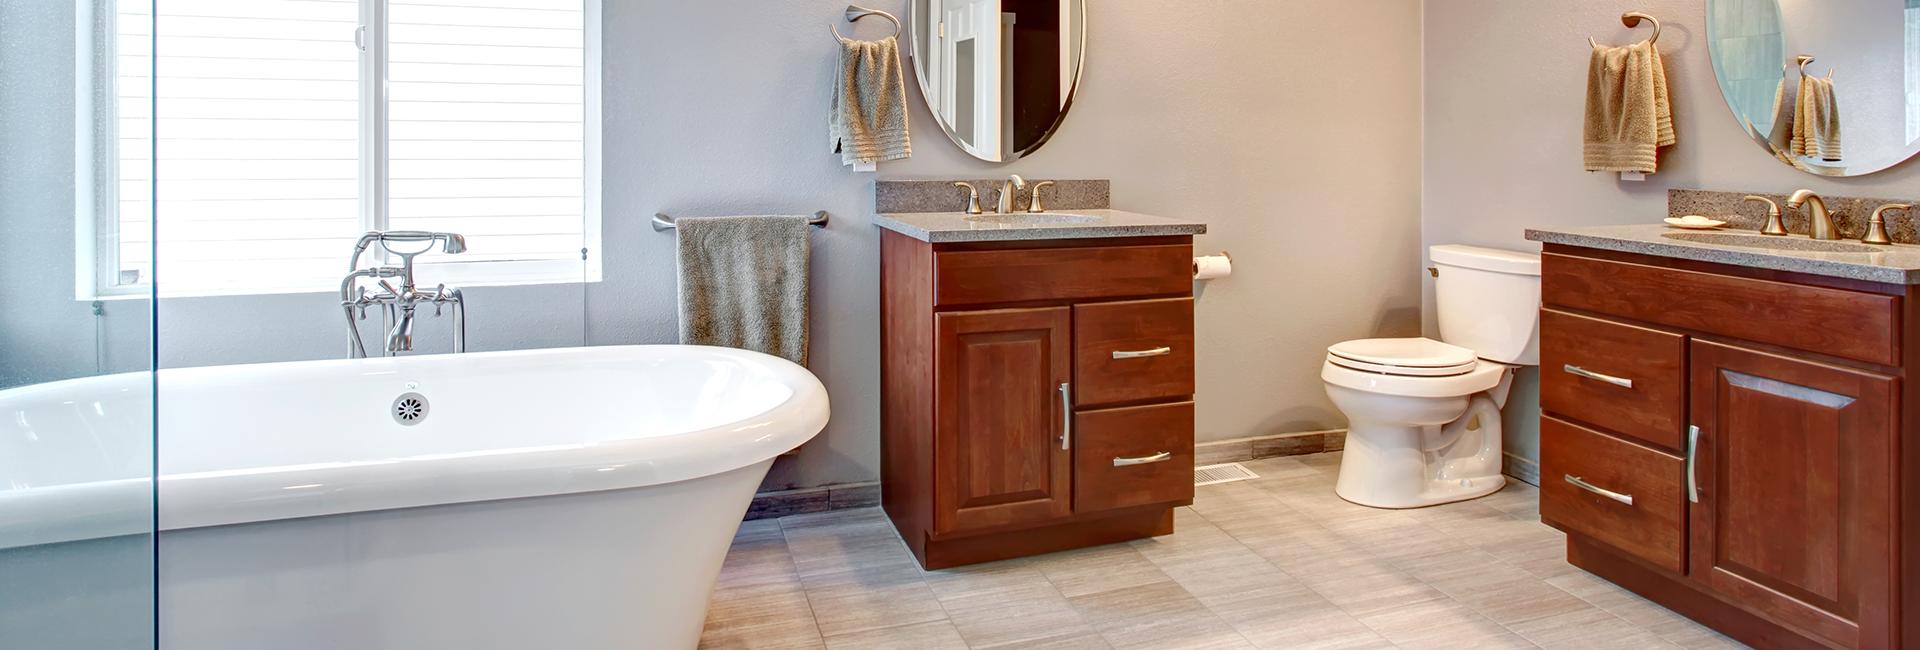 Bathroom renovations mississauga